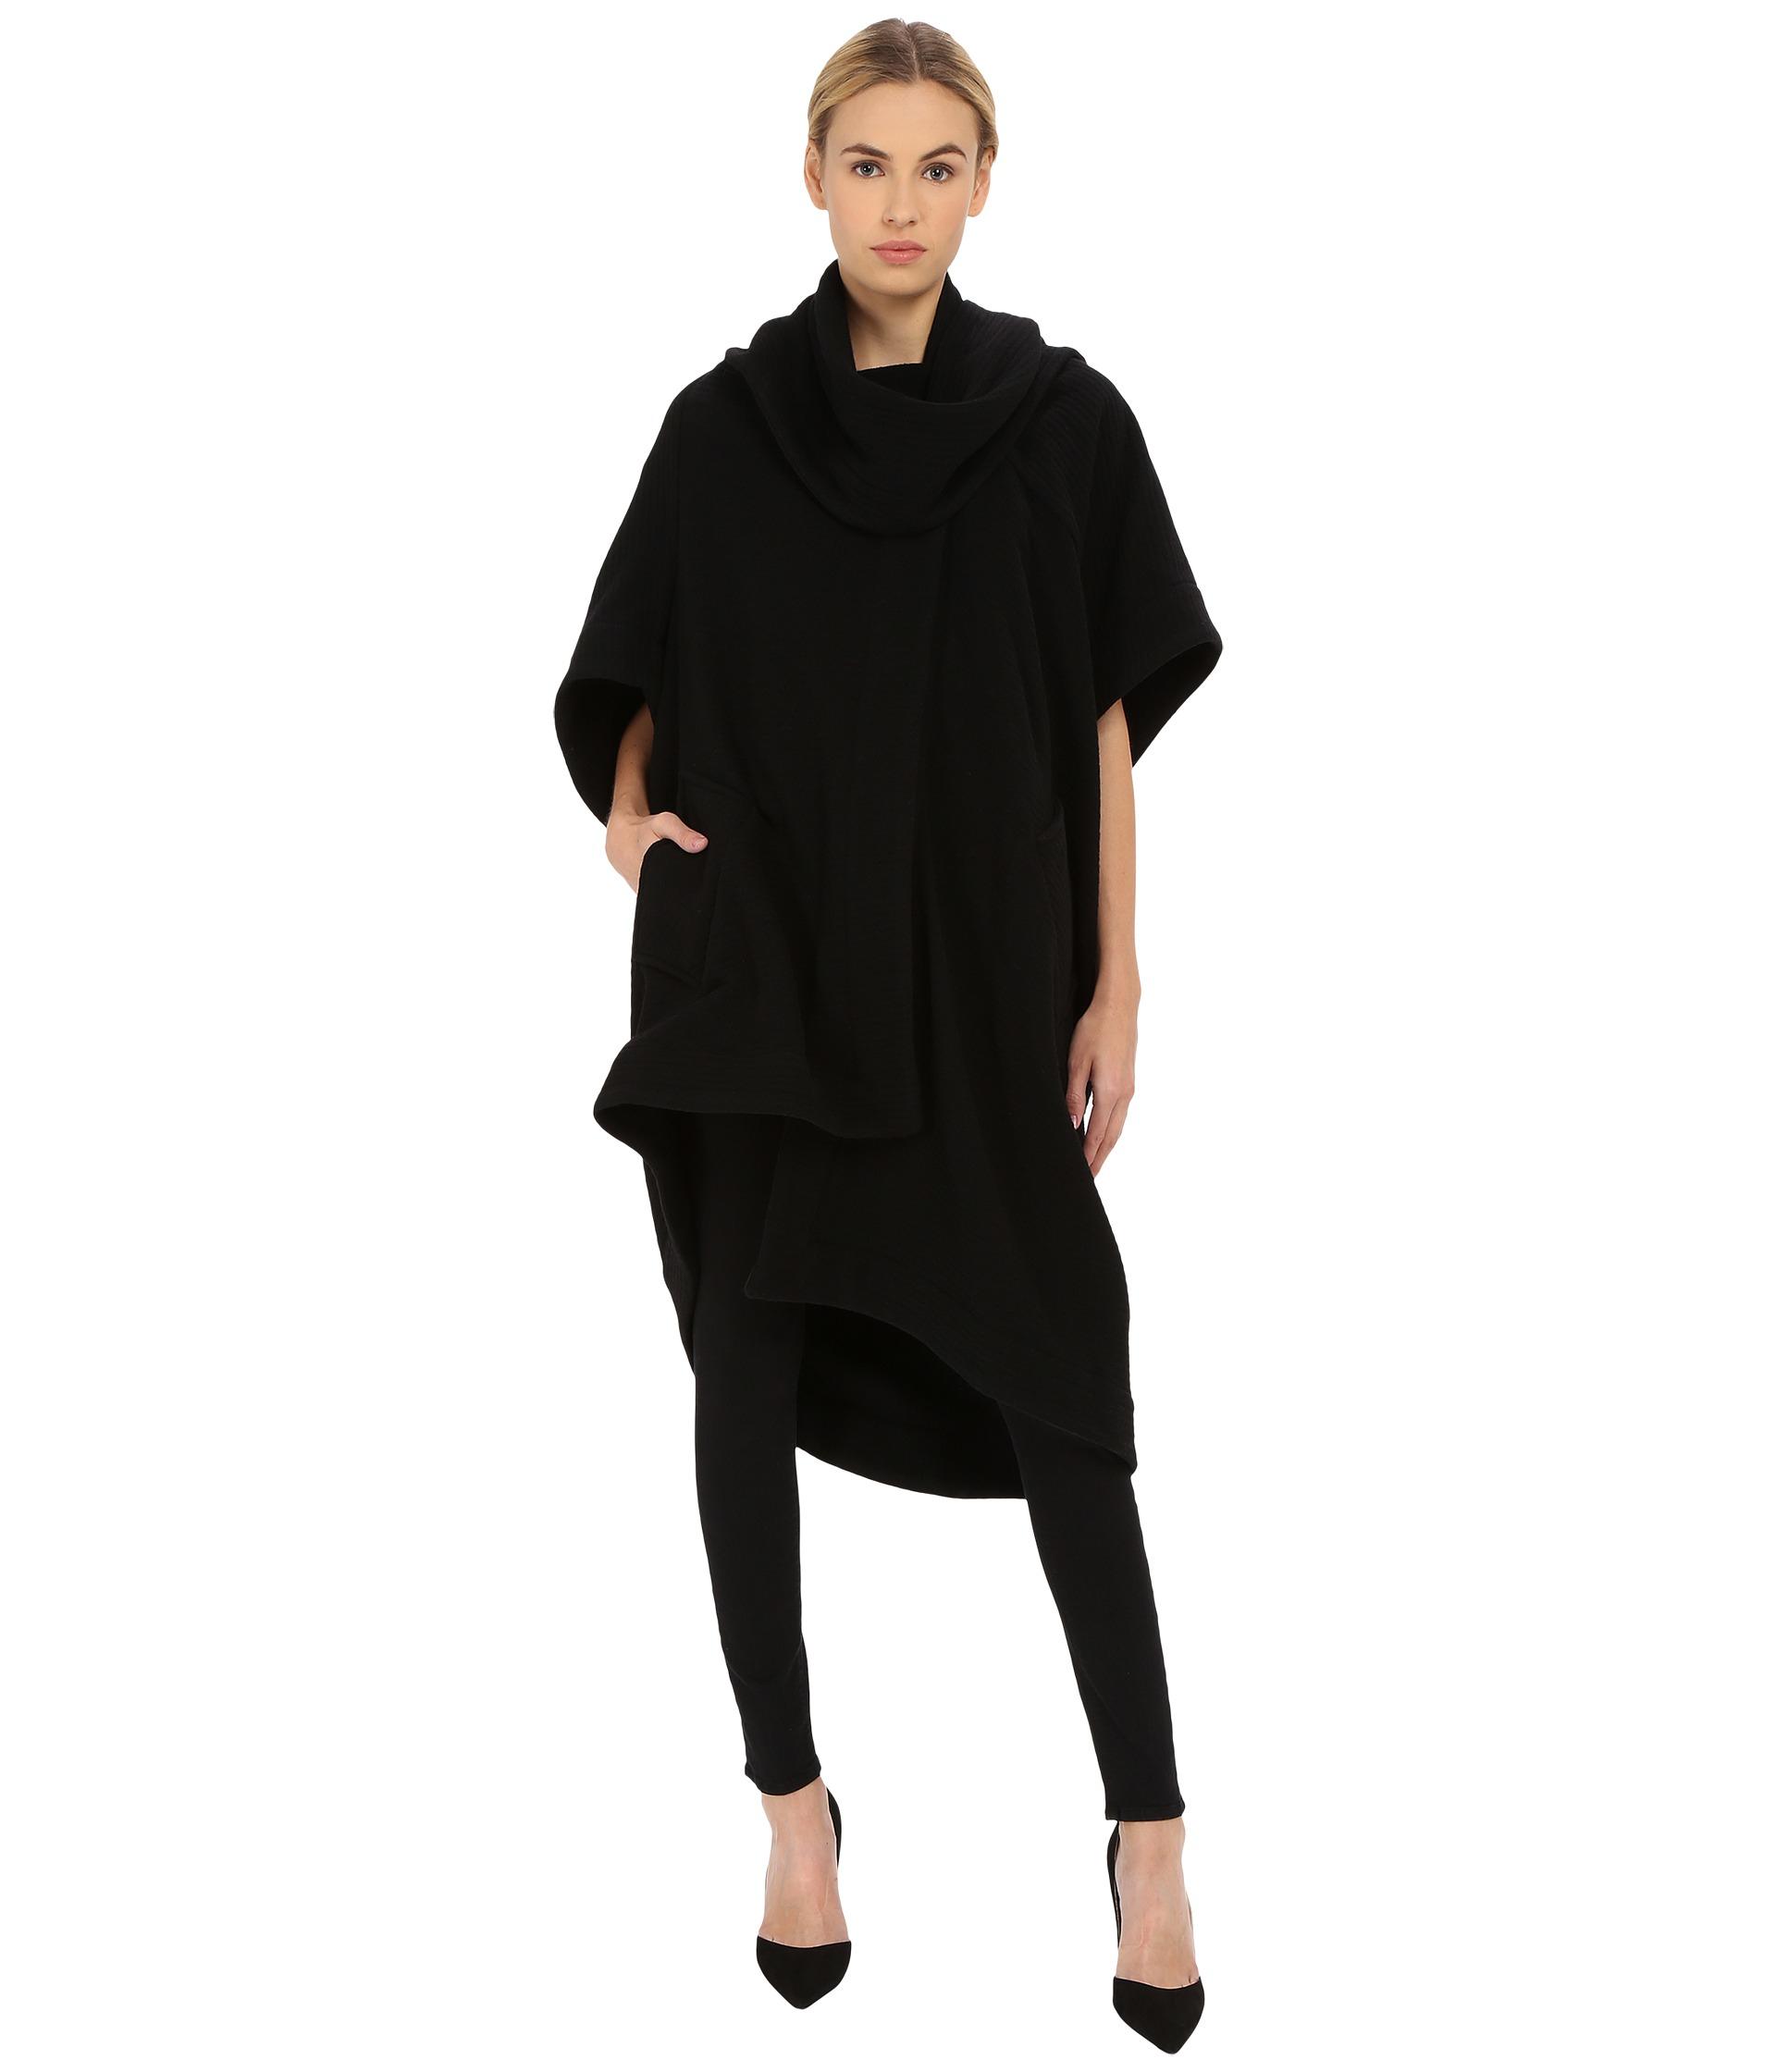 Vivienne westwood Short Sleeve Blanket Coat in Black | Lyst